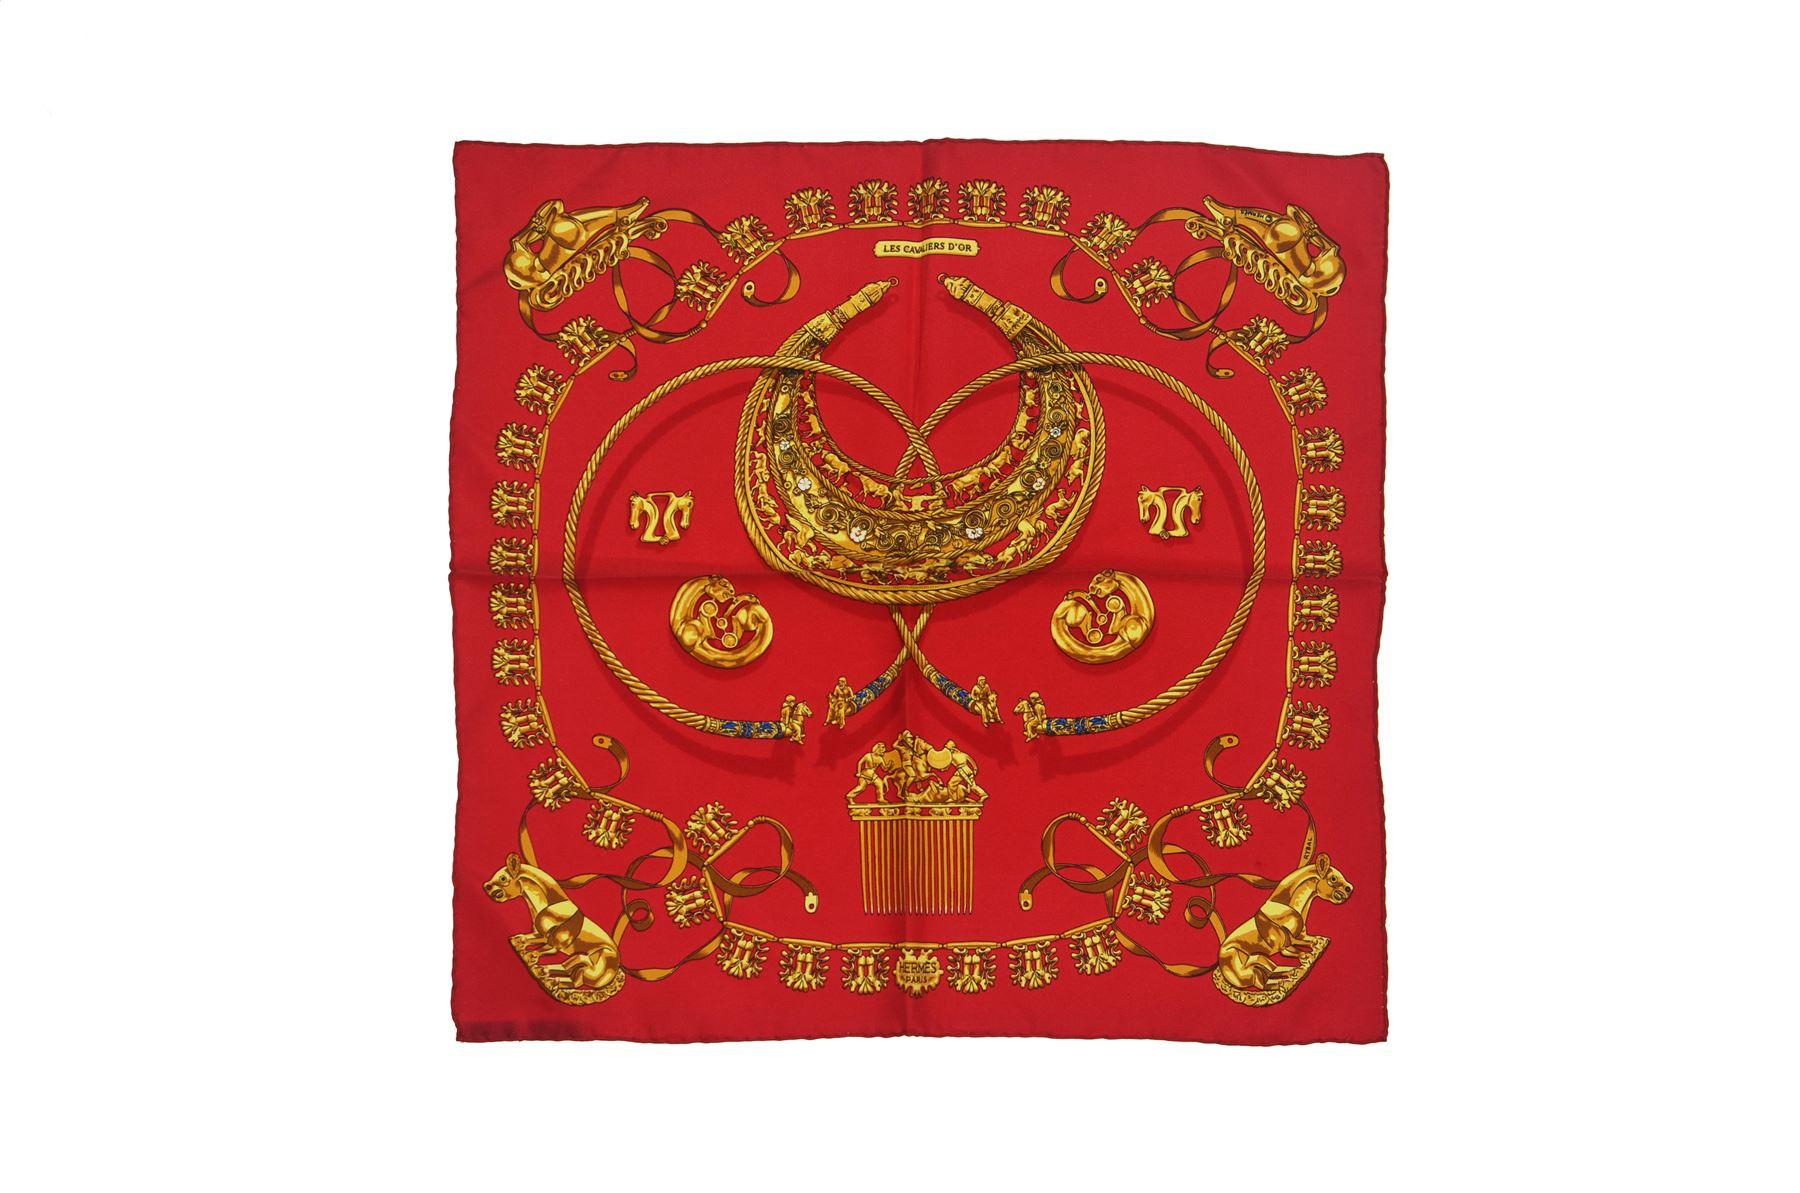 ee13ca4eb3 HERMES Les Cavaliers D'Or Foulard en soie rouge , 16